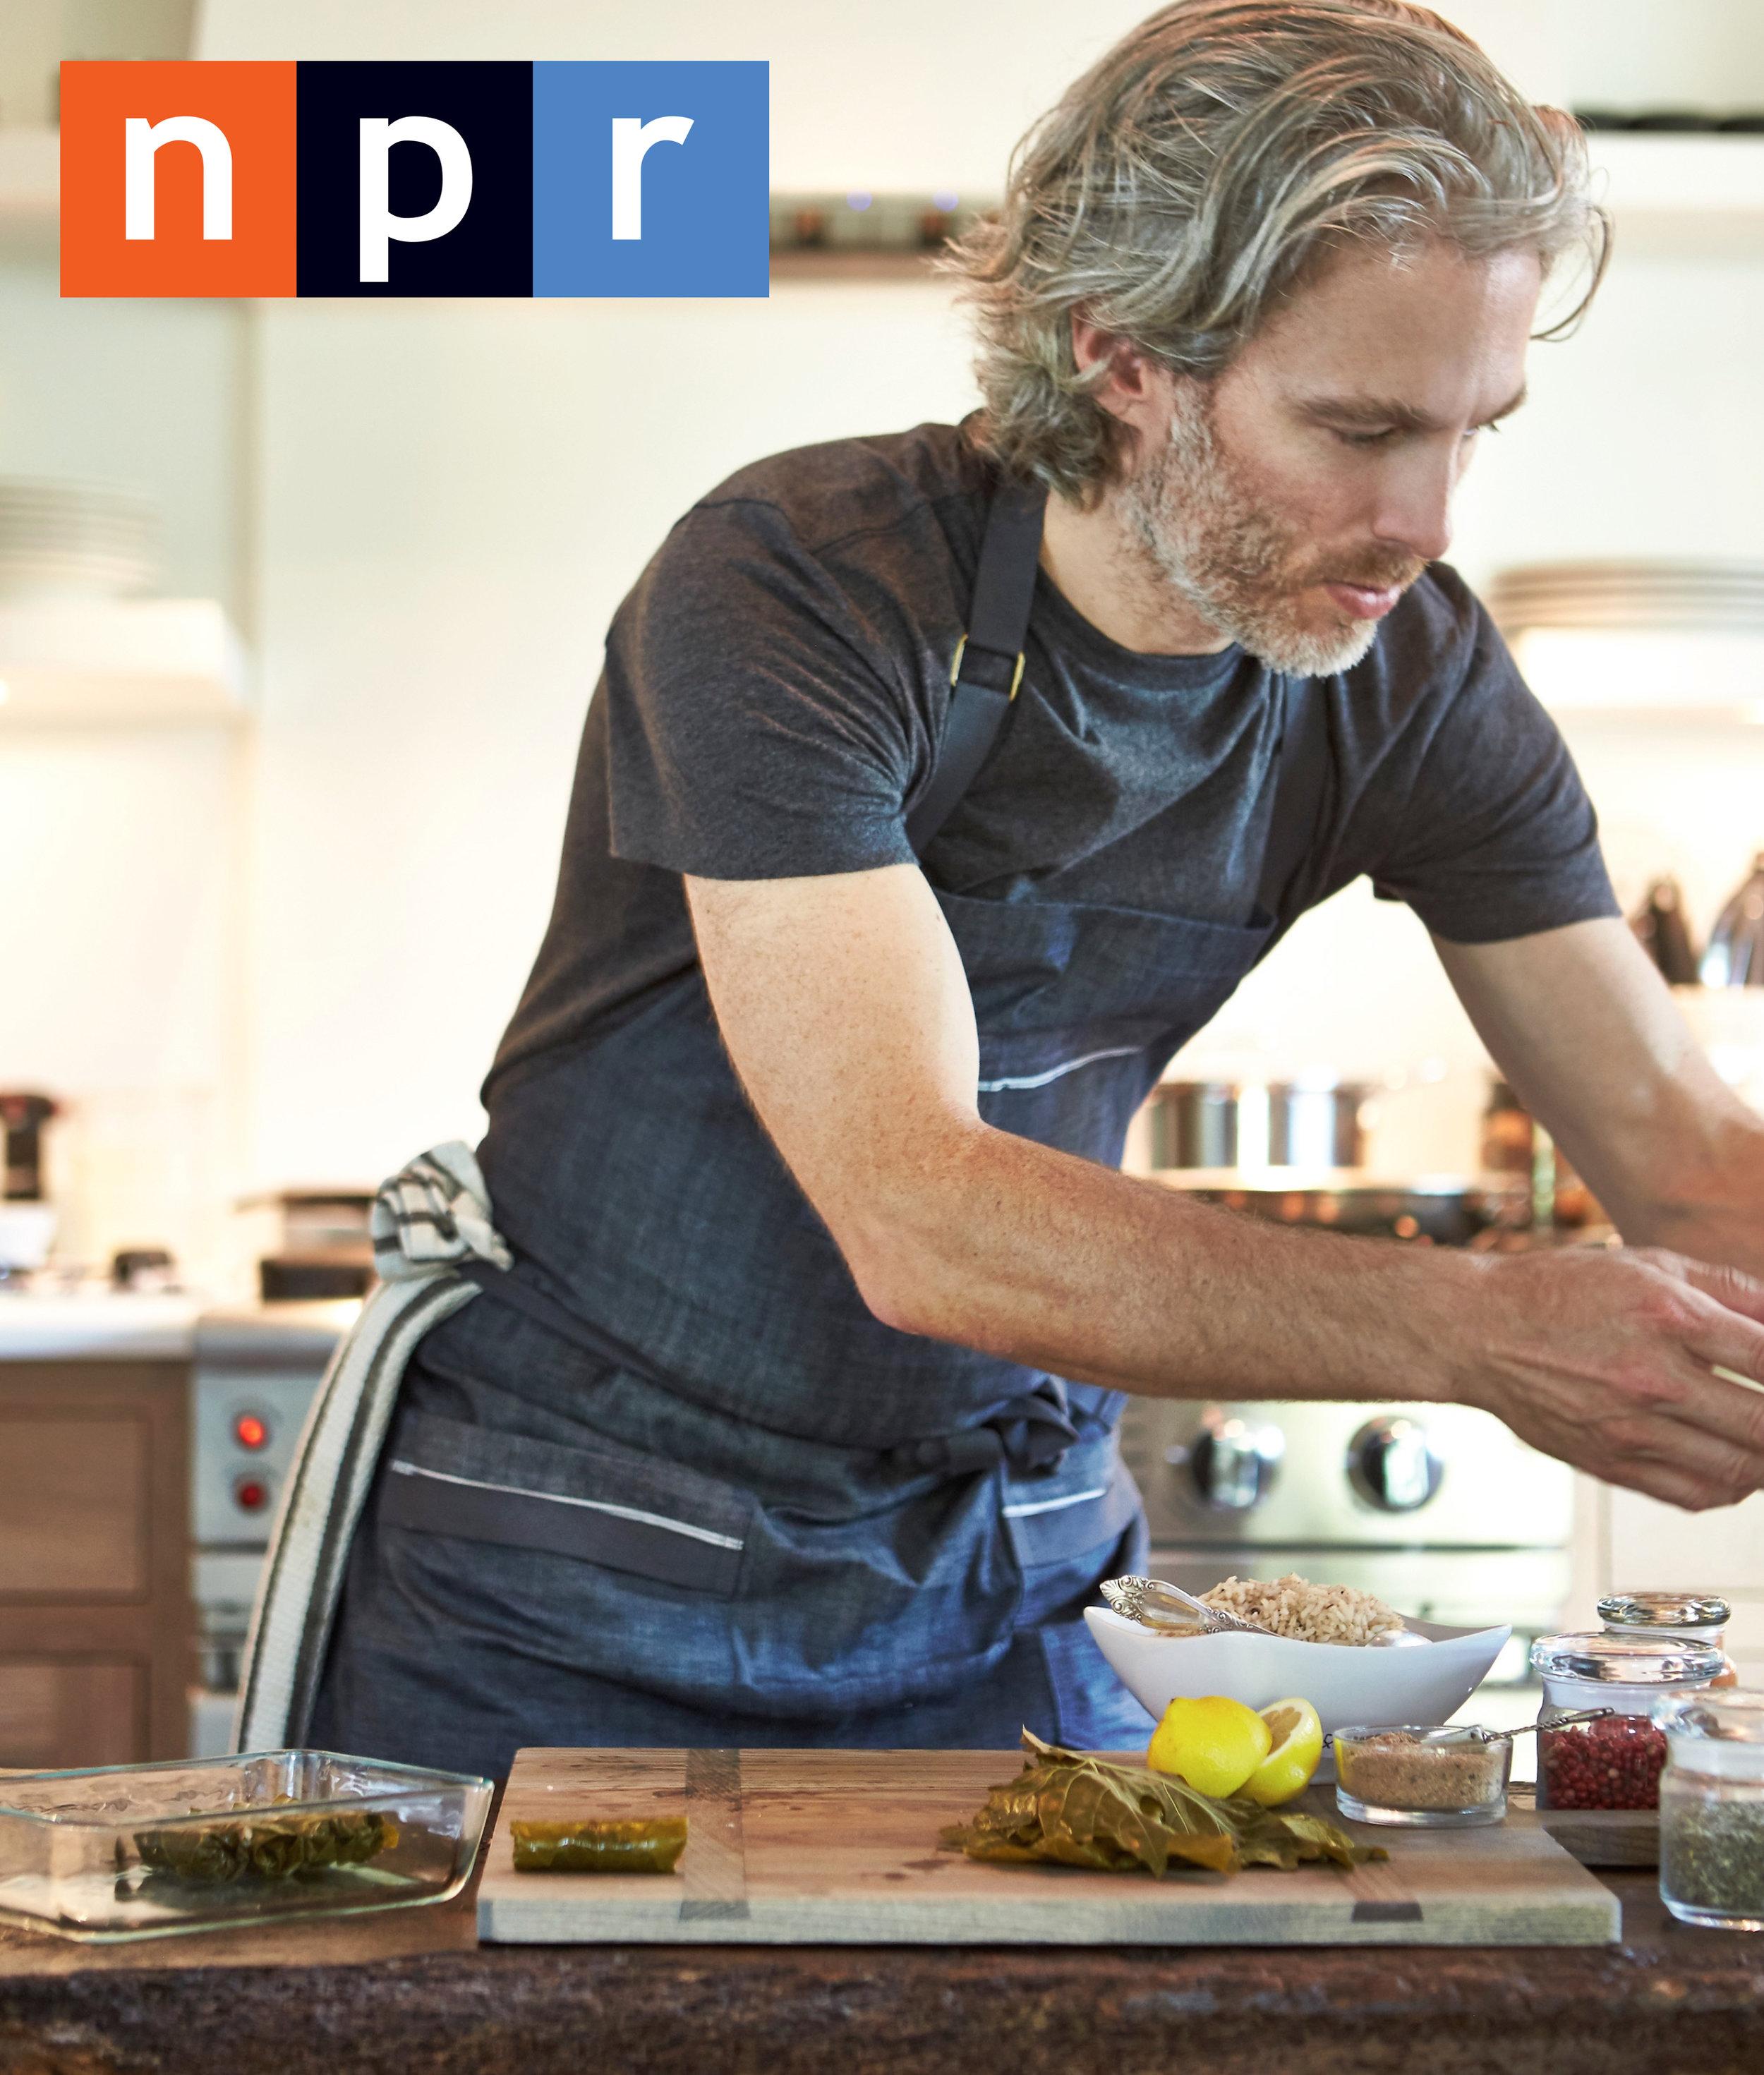 NPR_Lior Lev Sercarz.001.jpeg